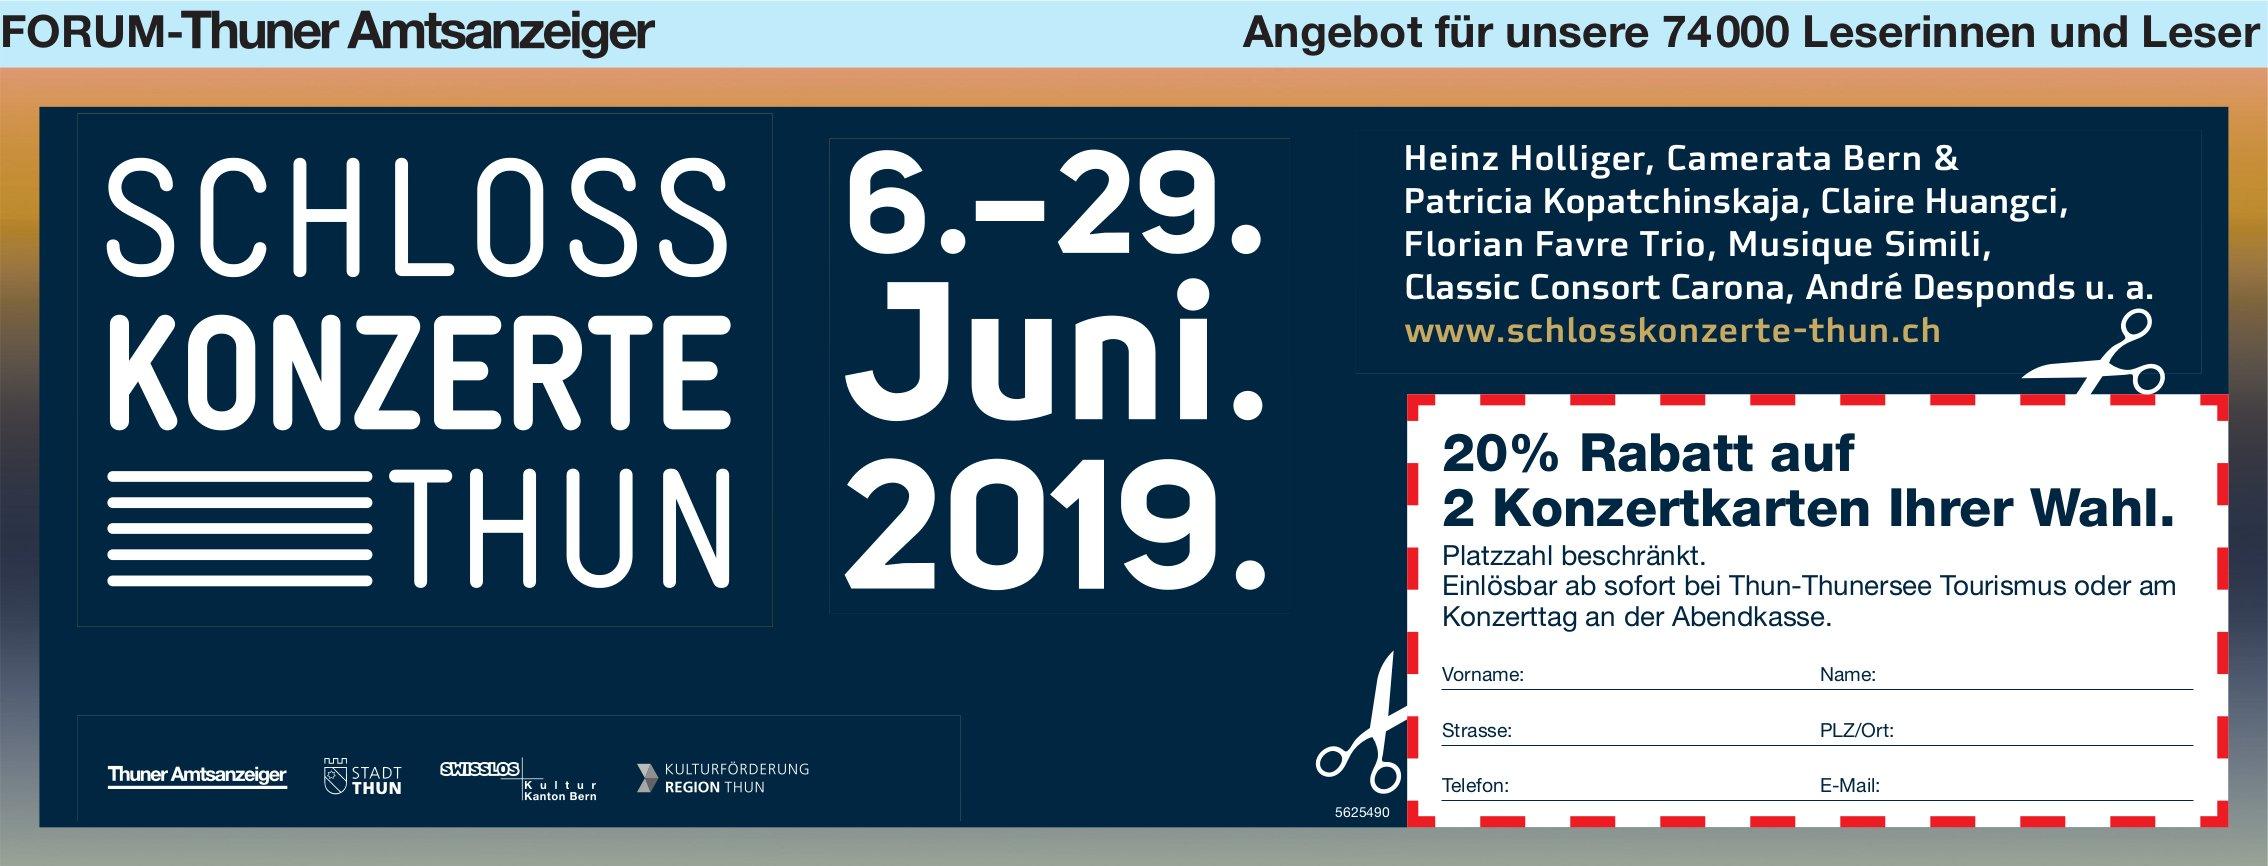 FORUM-Thuner Amtsanzeiger - Schloss Konzerte Thun, 6.-29. Juni